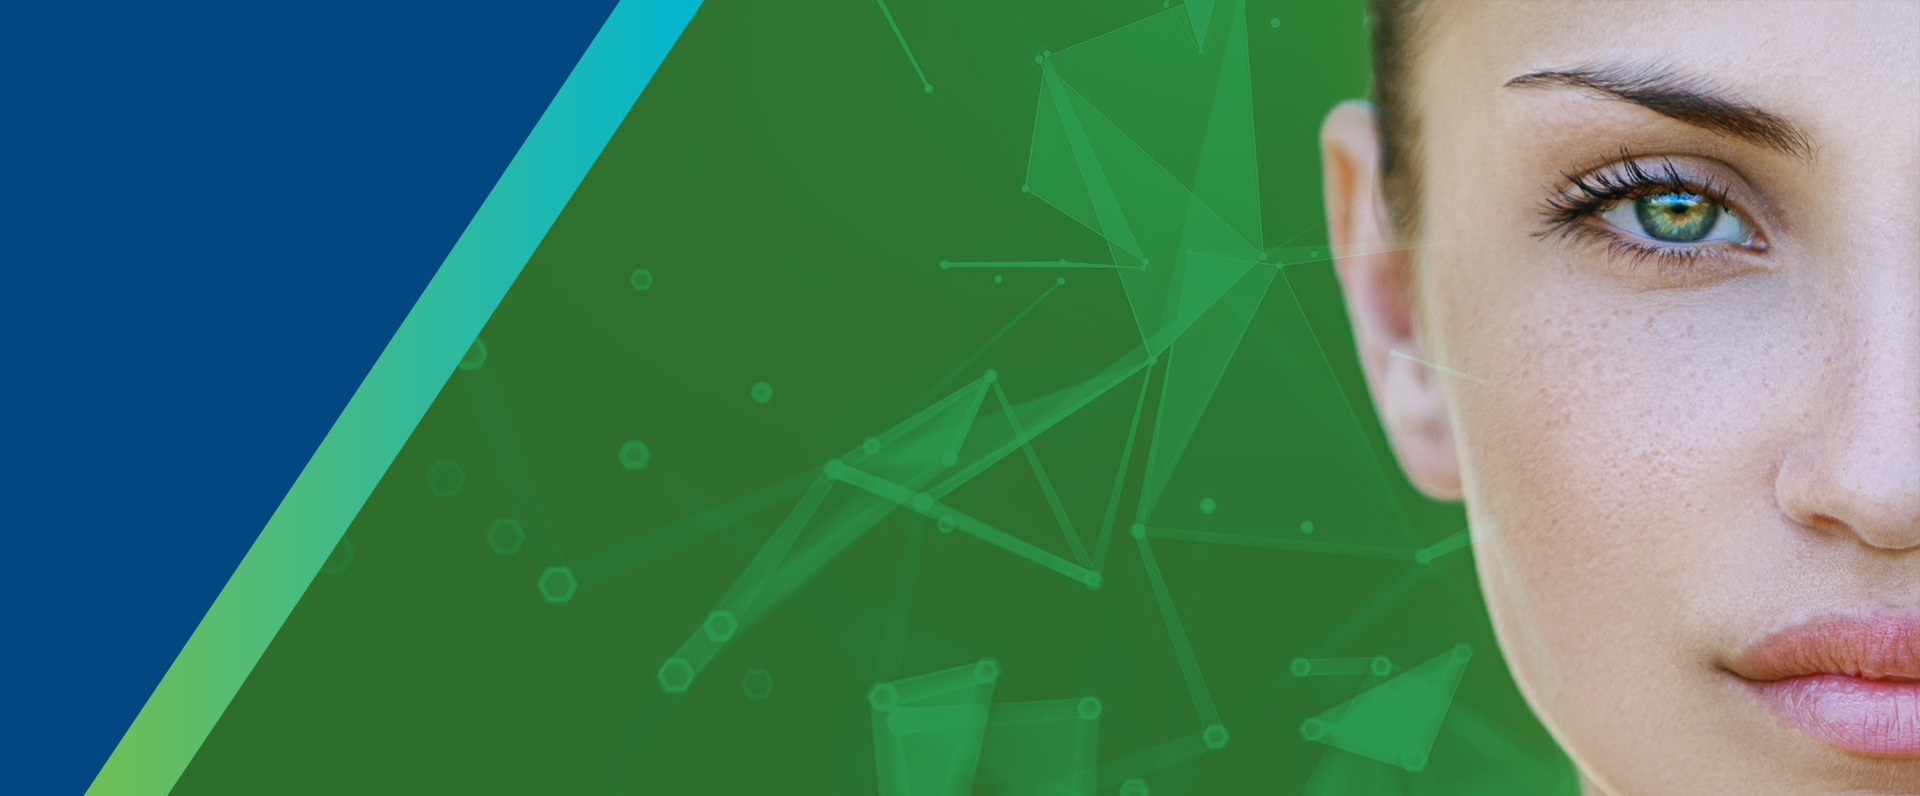 Techedge: Consultoria em Negócios, Estratégia em Tecnologia, Implementações & Mudanças